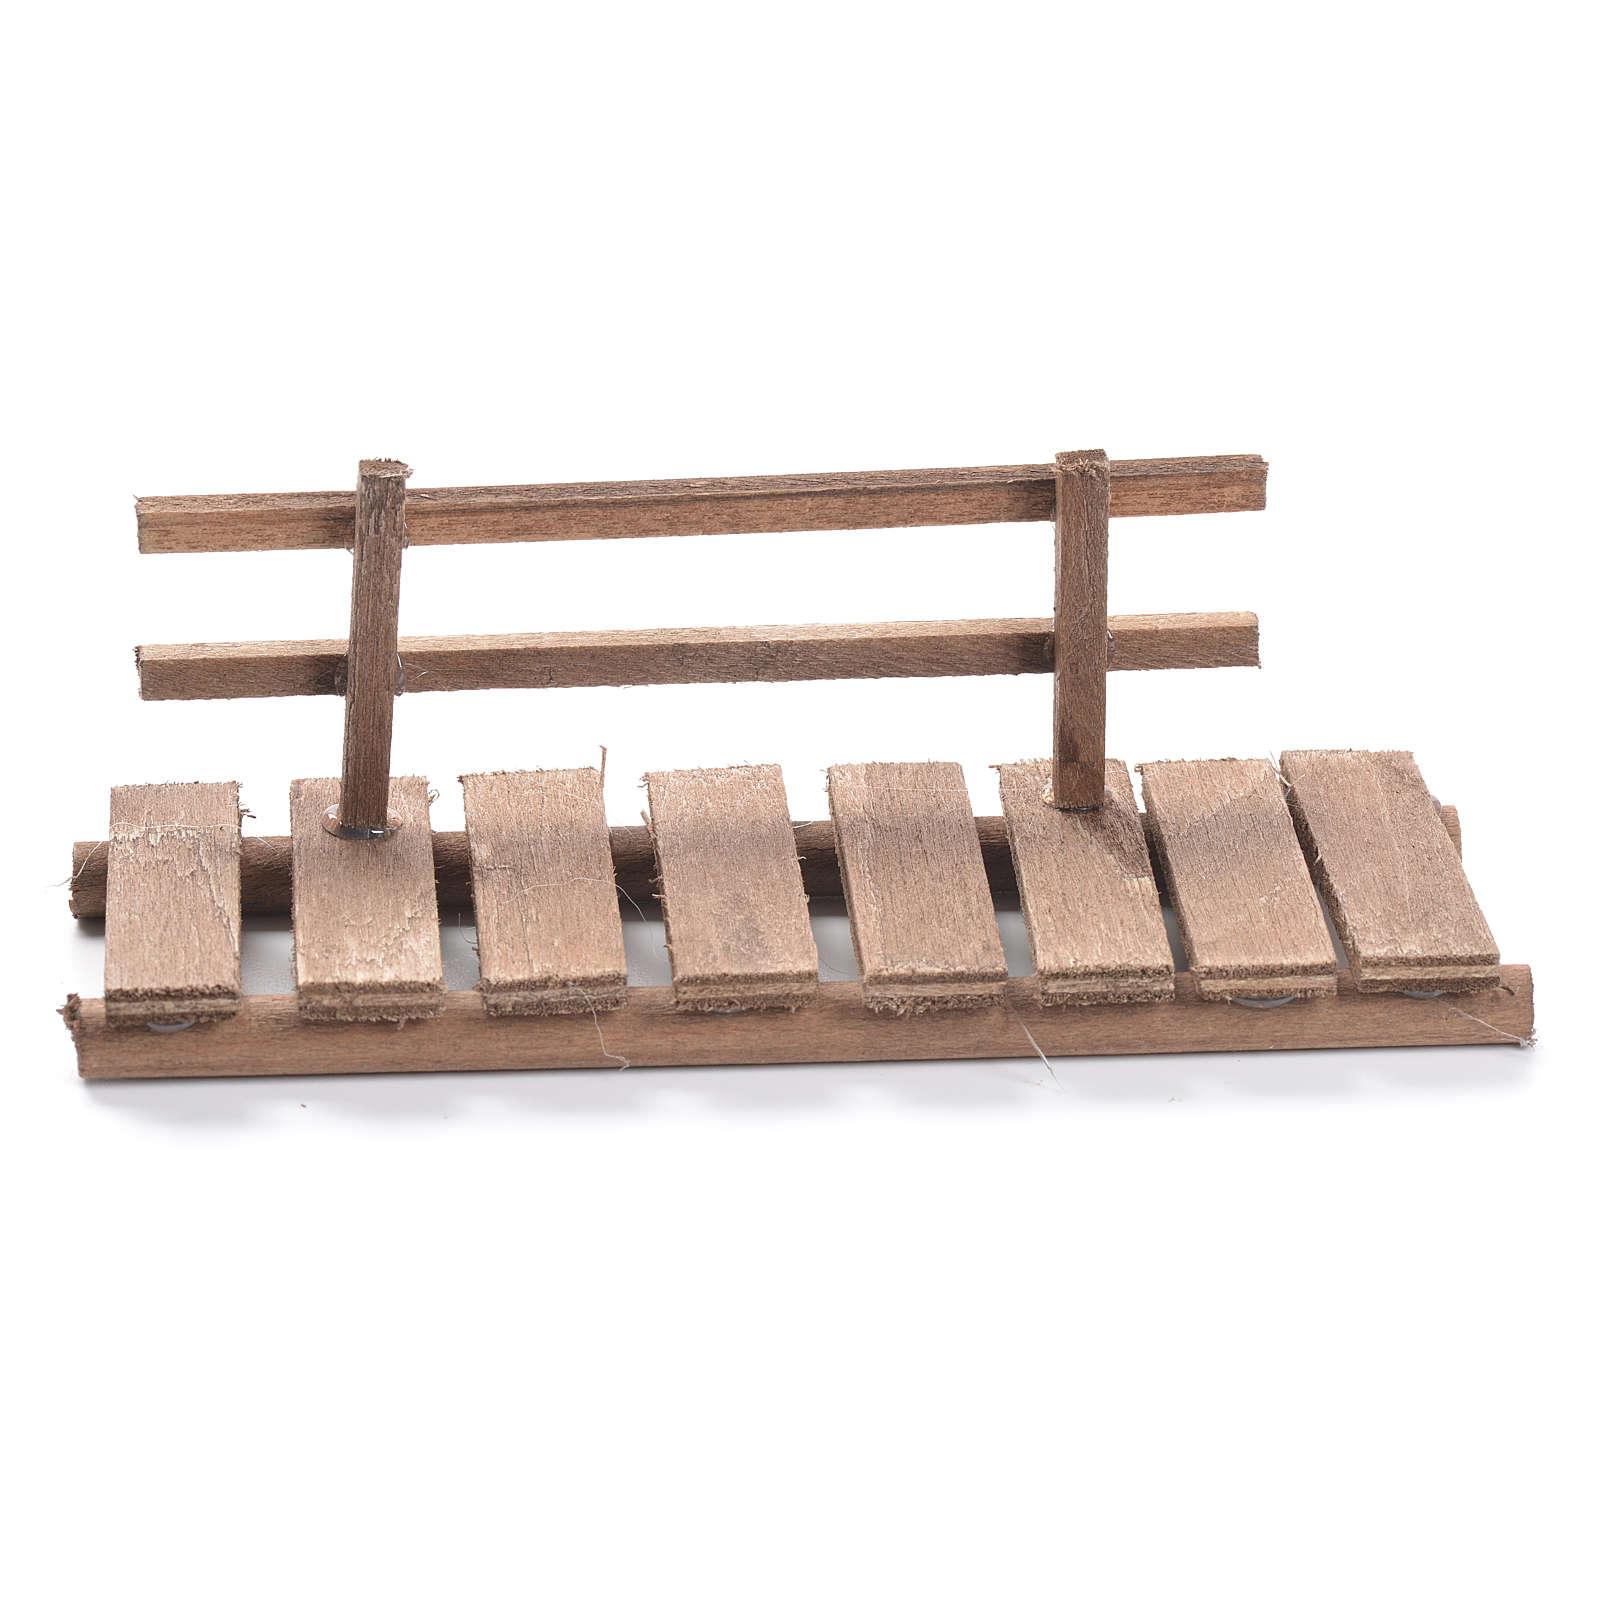 Passerella presepe in legno cm 5x15x5 4